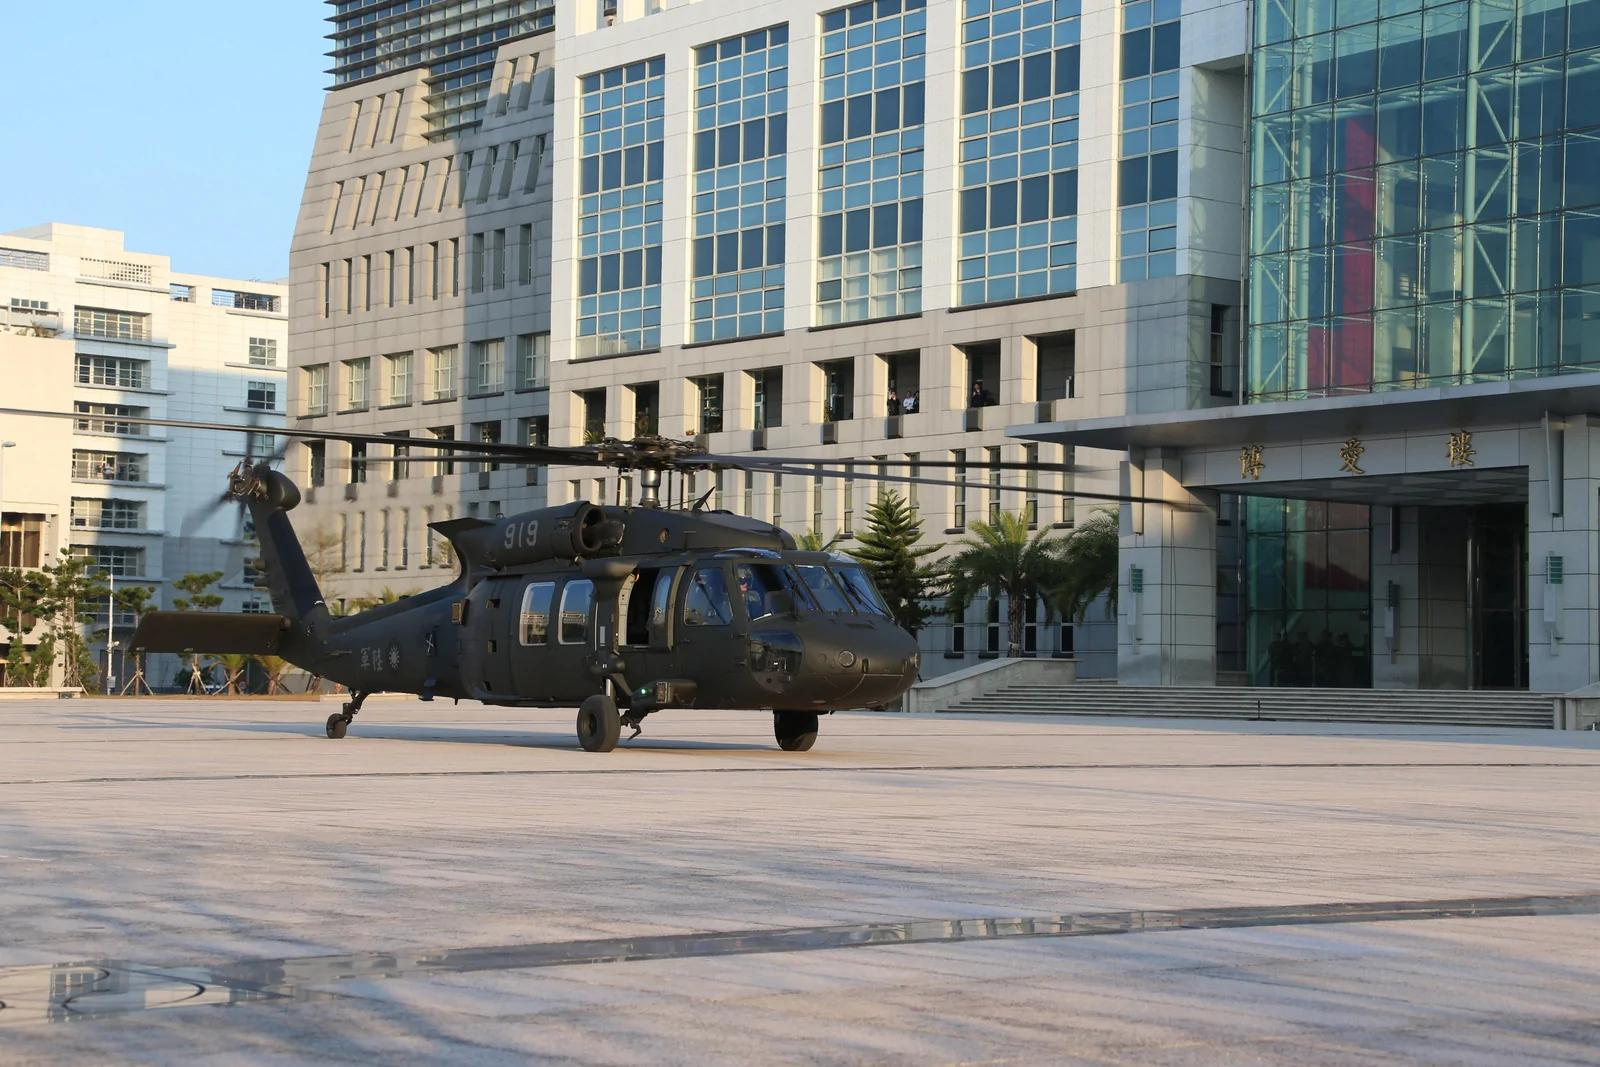 台灣首度以直升機演練「萬鈞計劃」 反制陸斬首戰